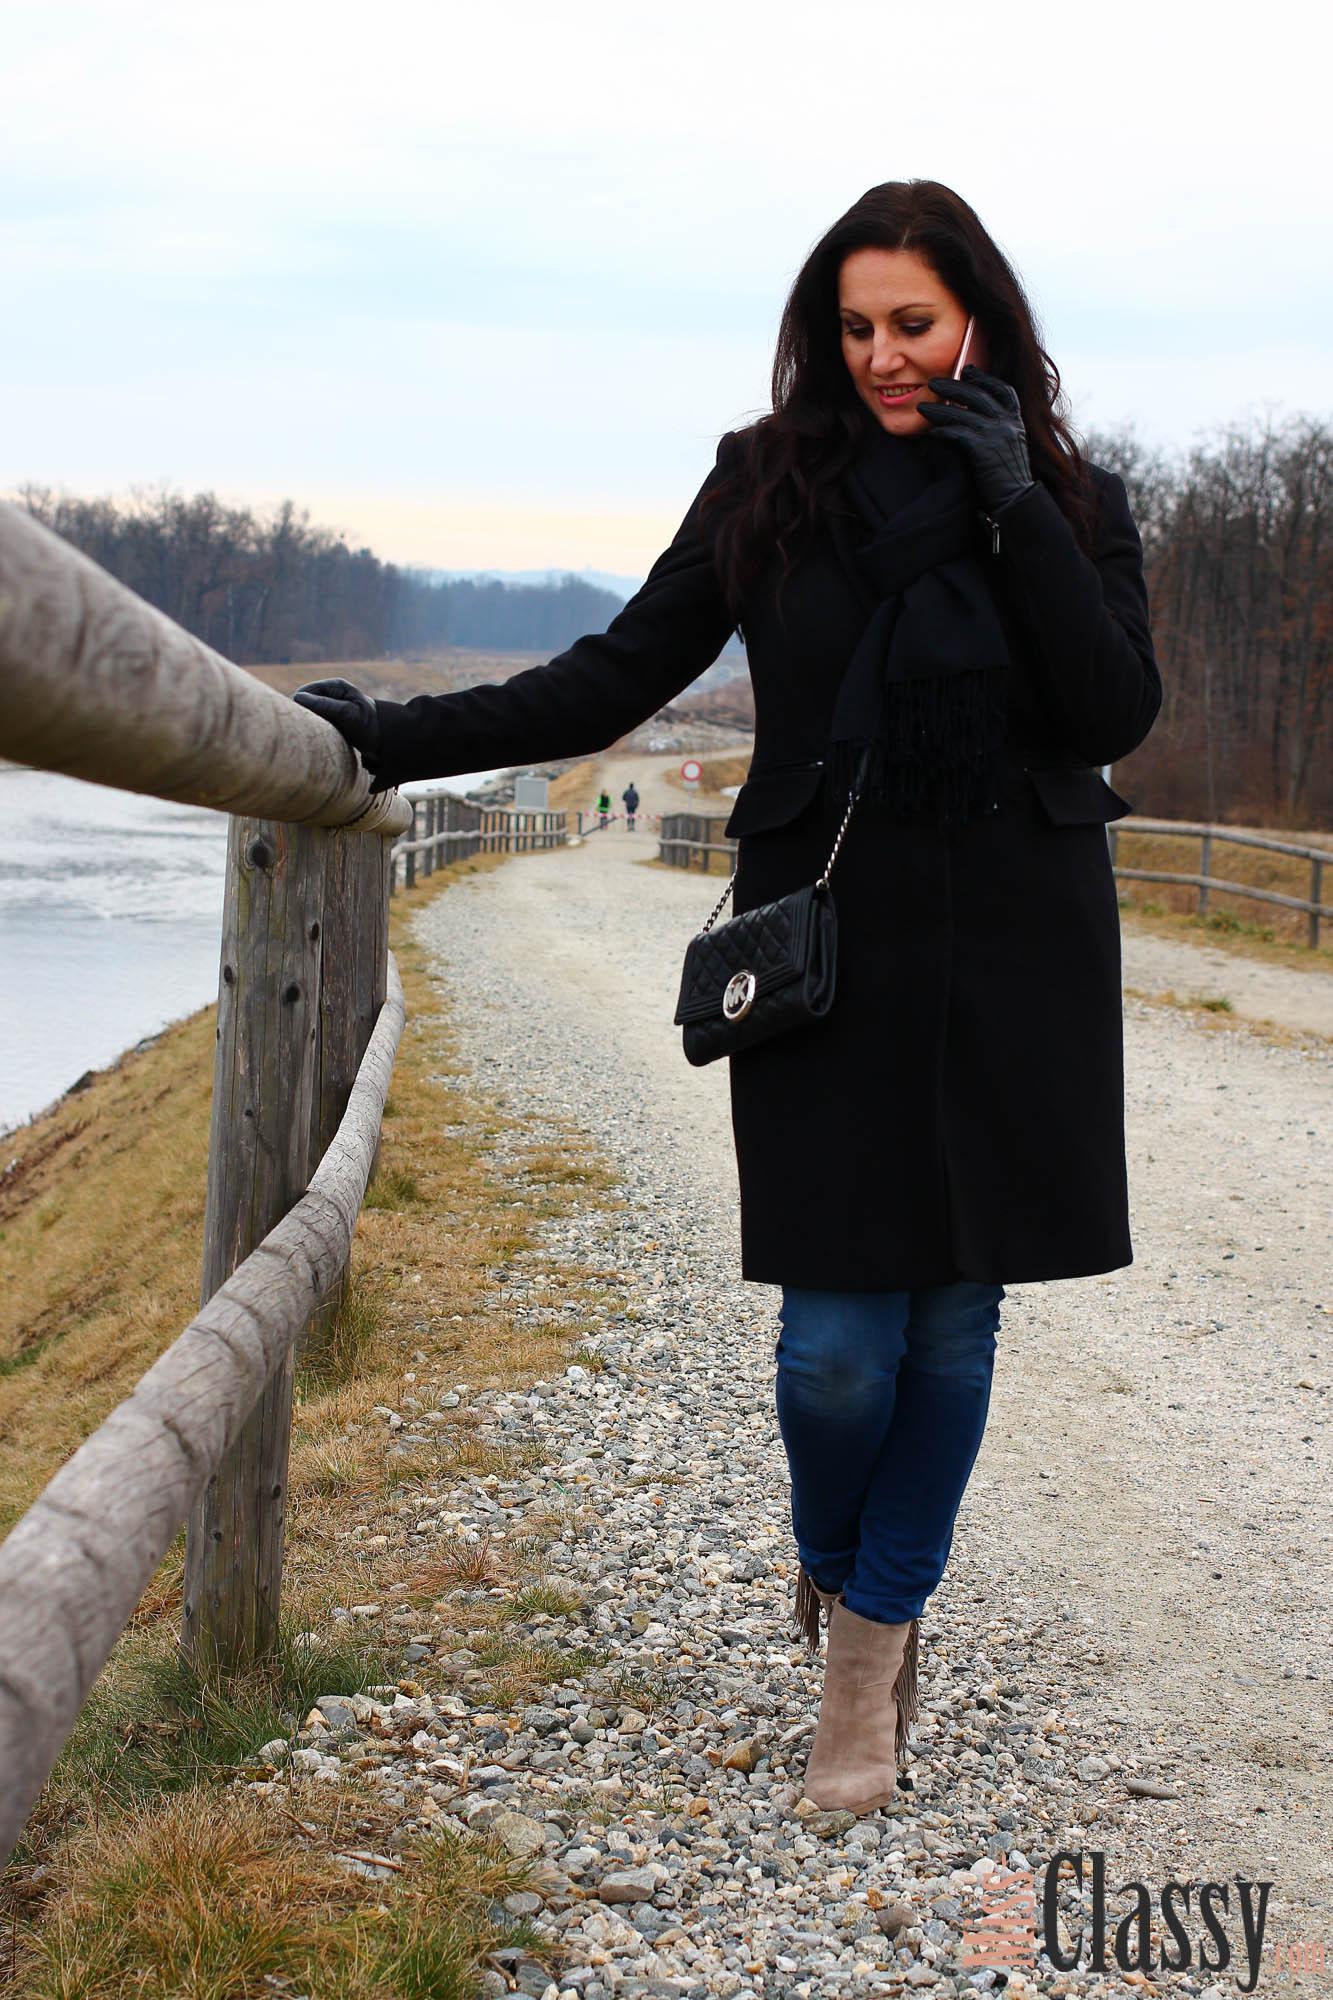 Sonntagsspaziergang an der Mur